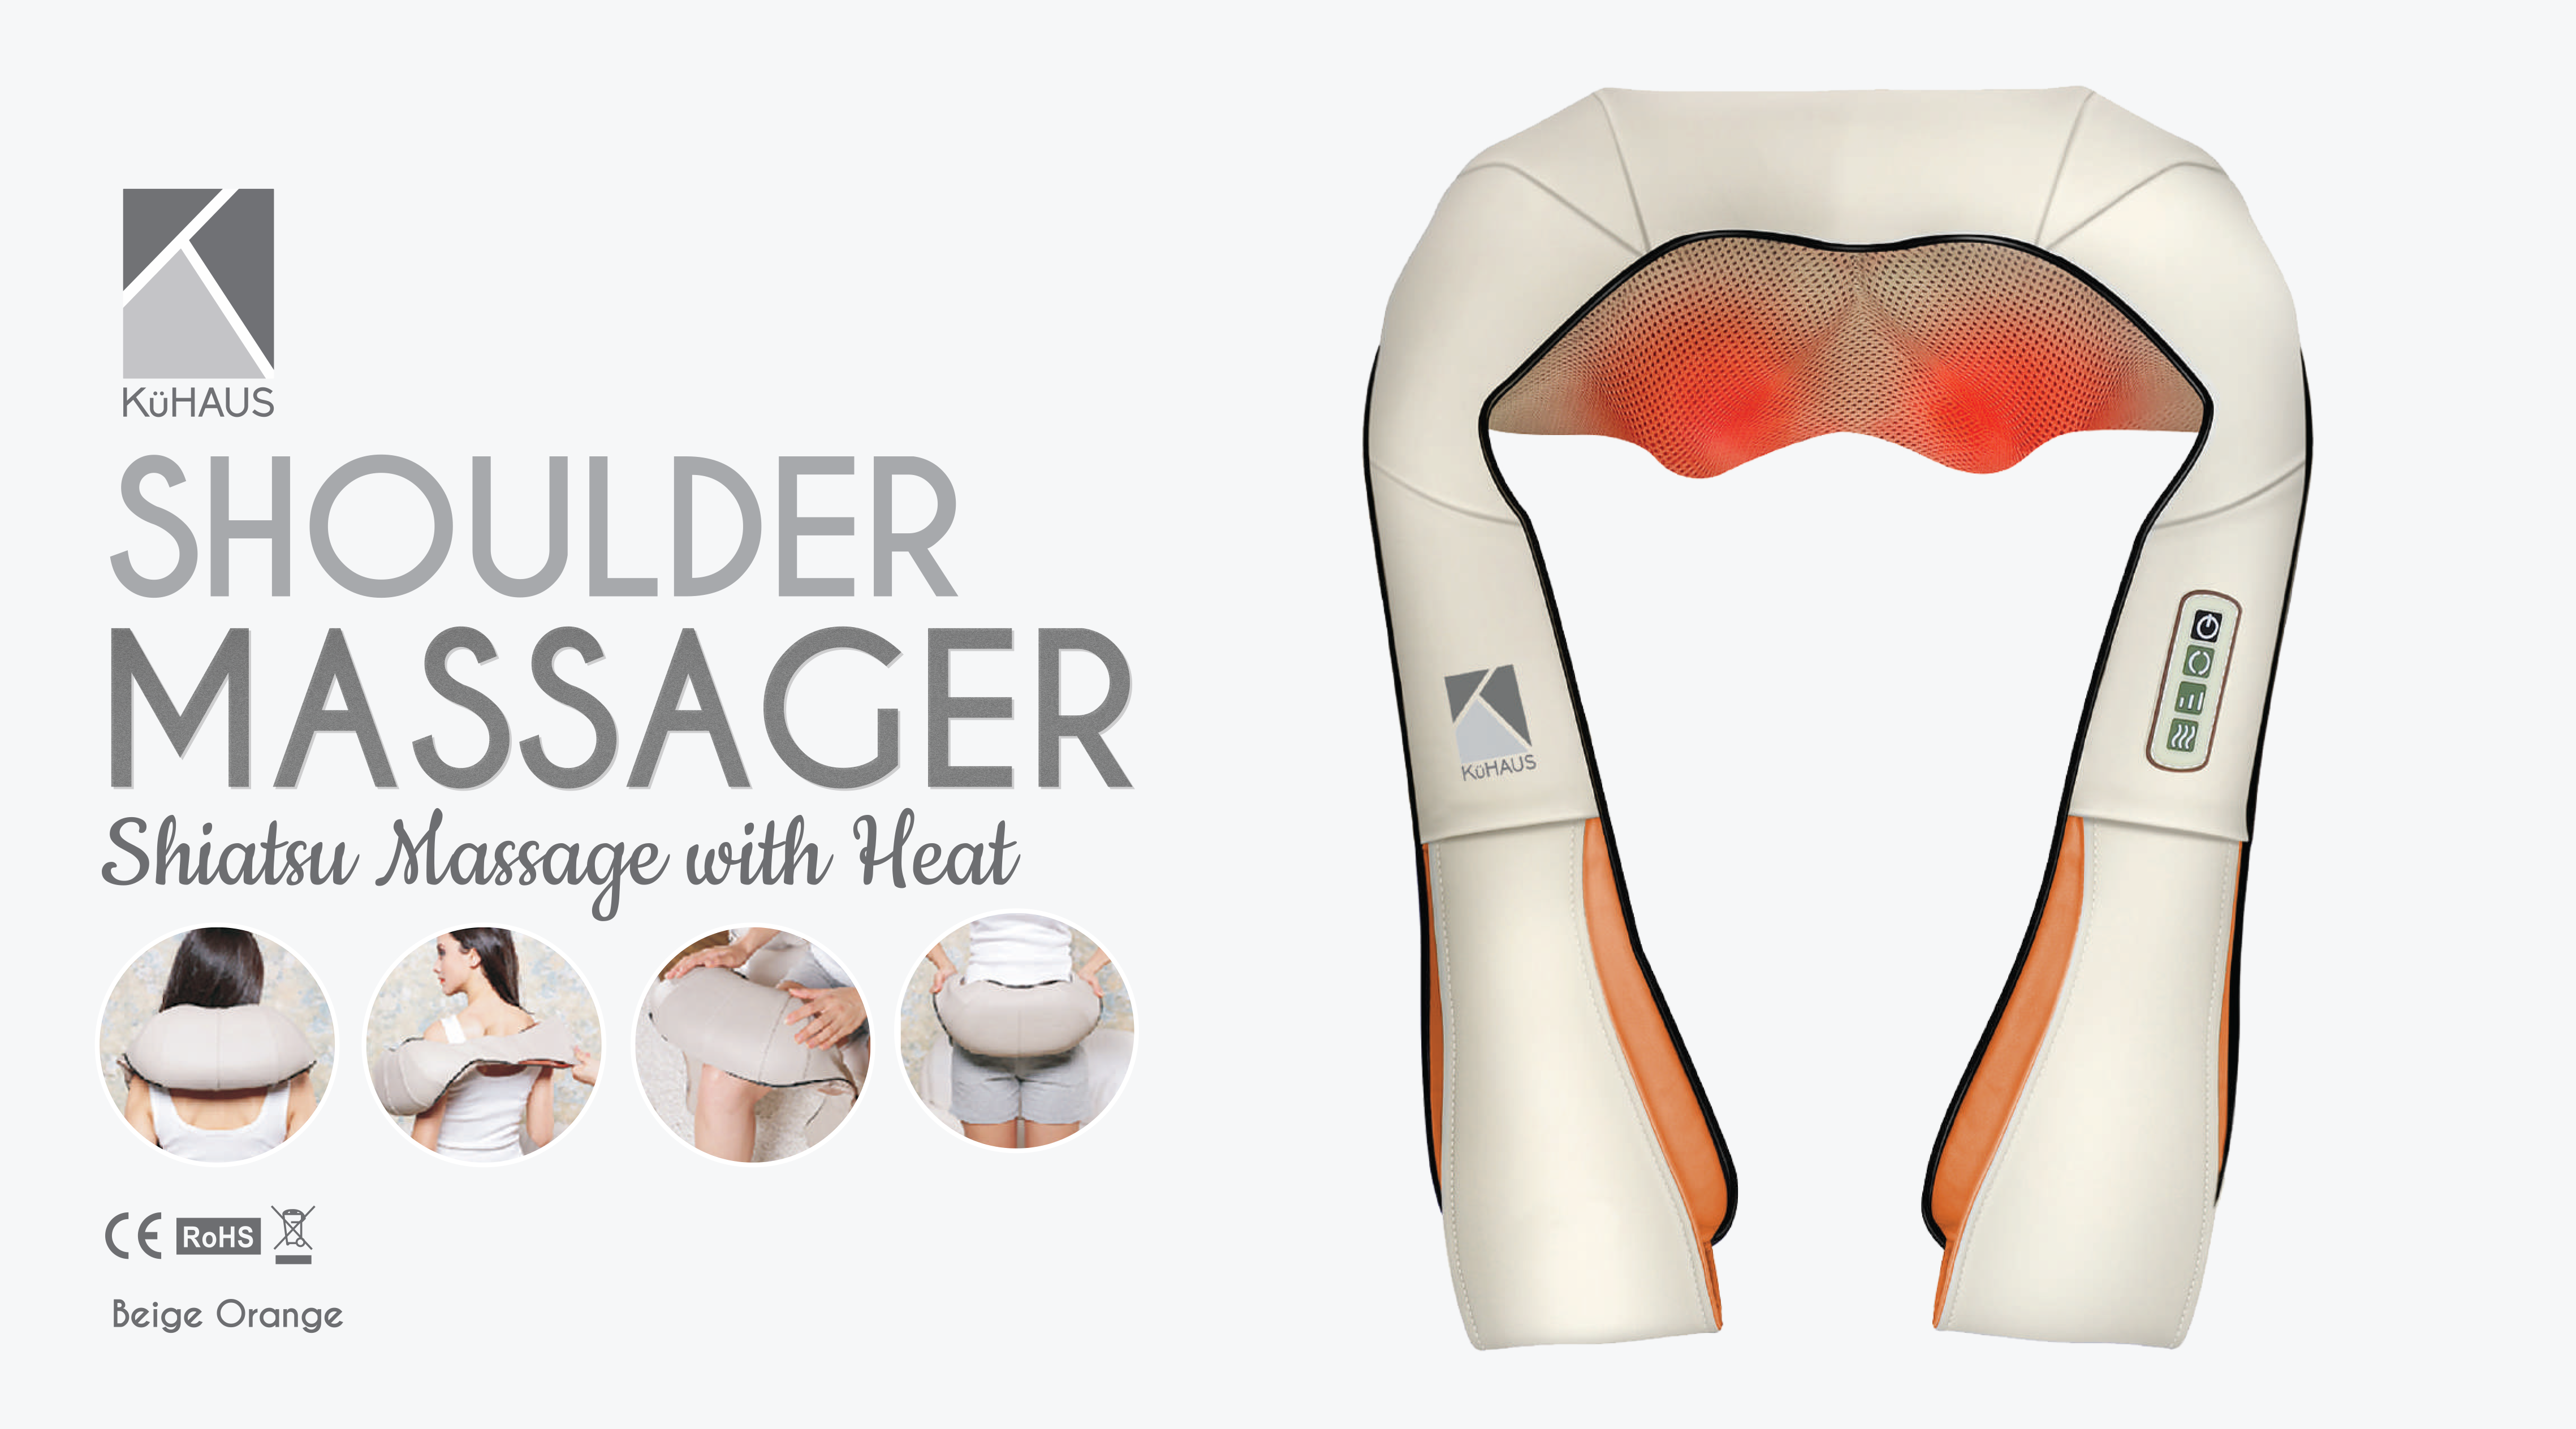 Shoulder Massager Beige Orange